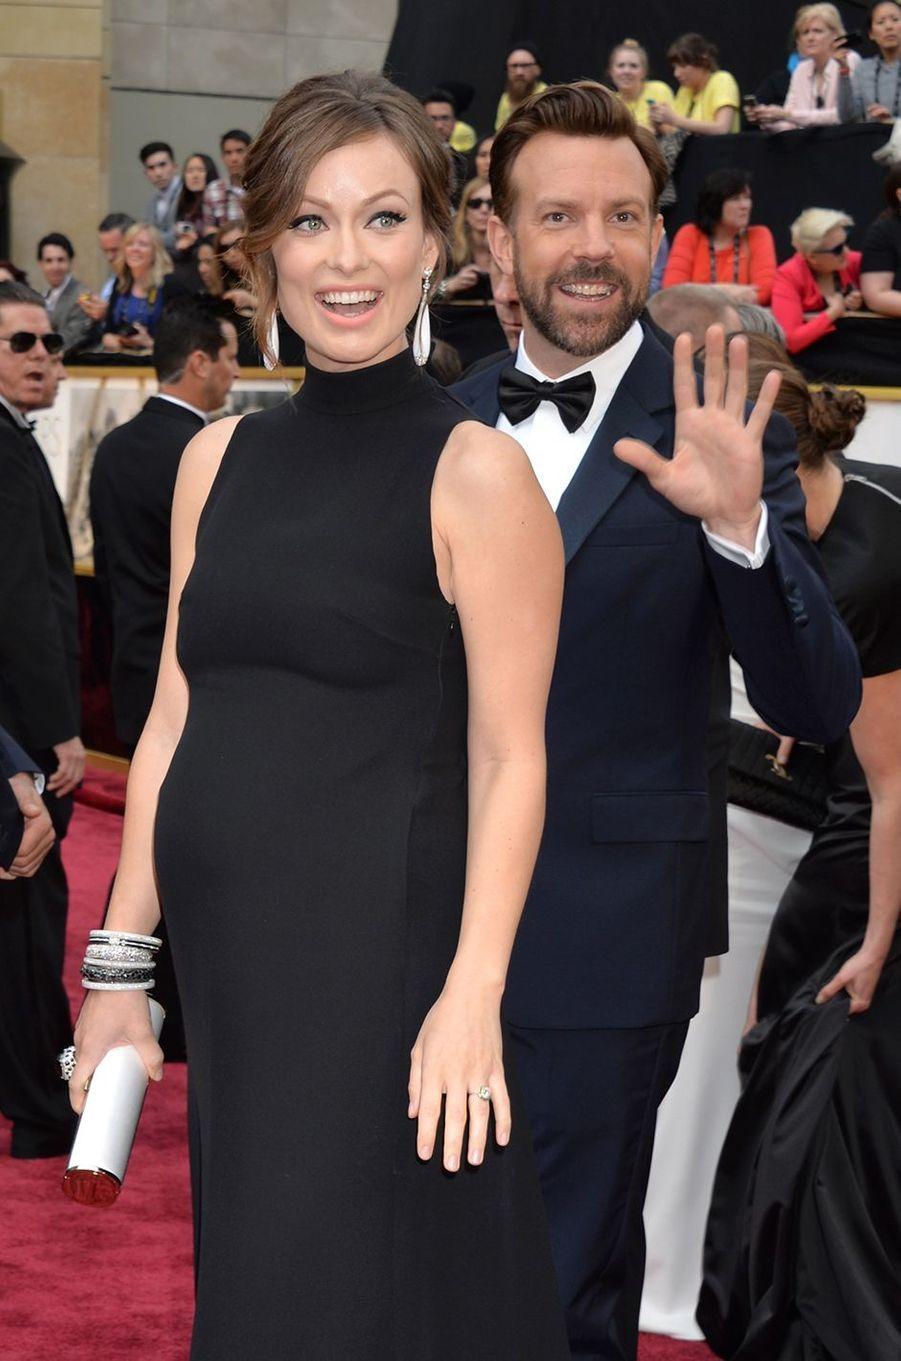 Olivia Wilde et Jason Sudeikis aux Oscars à Los Angeles en mars 2014